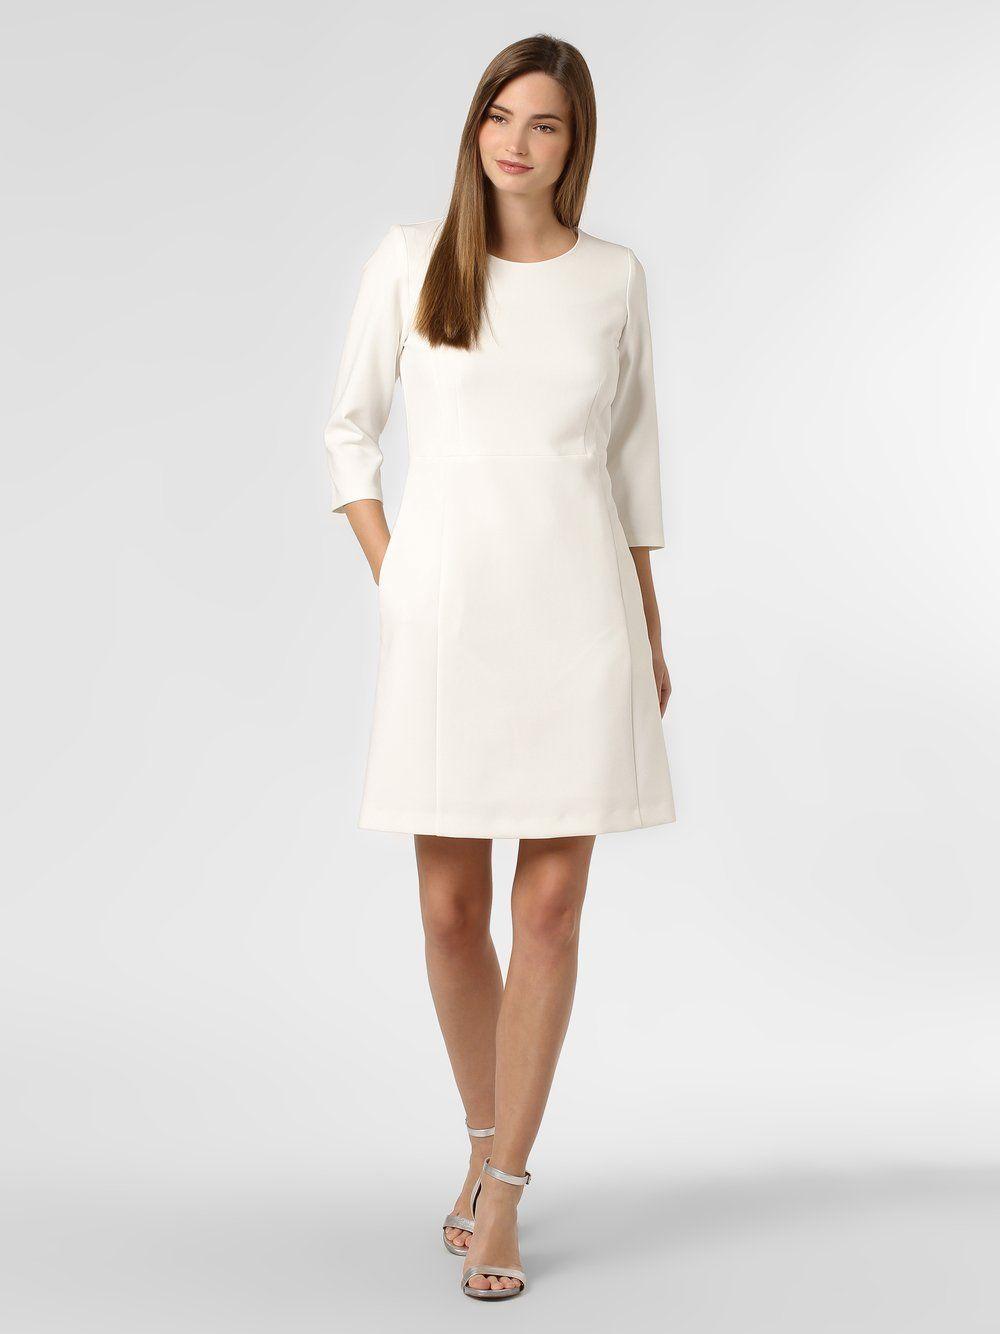 Marie Lund Kleid beige  Kleider, Marie lund kleid, Modestil